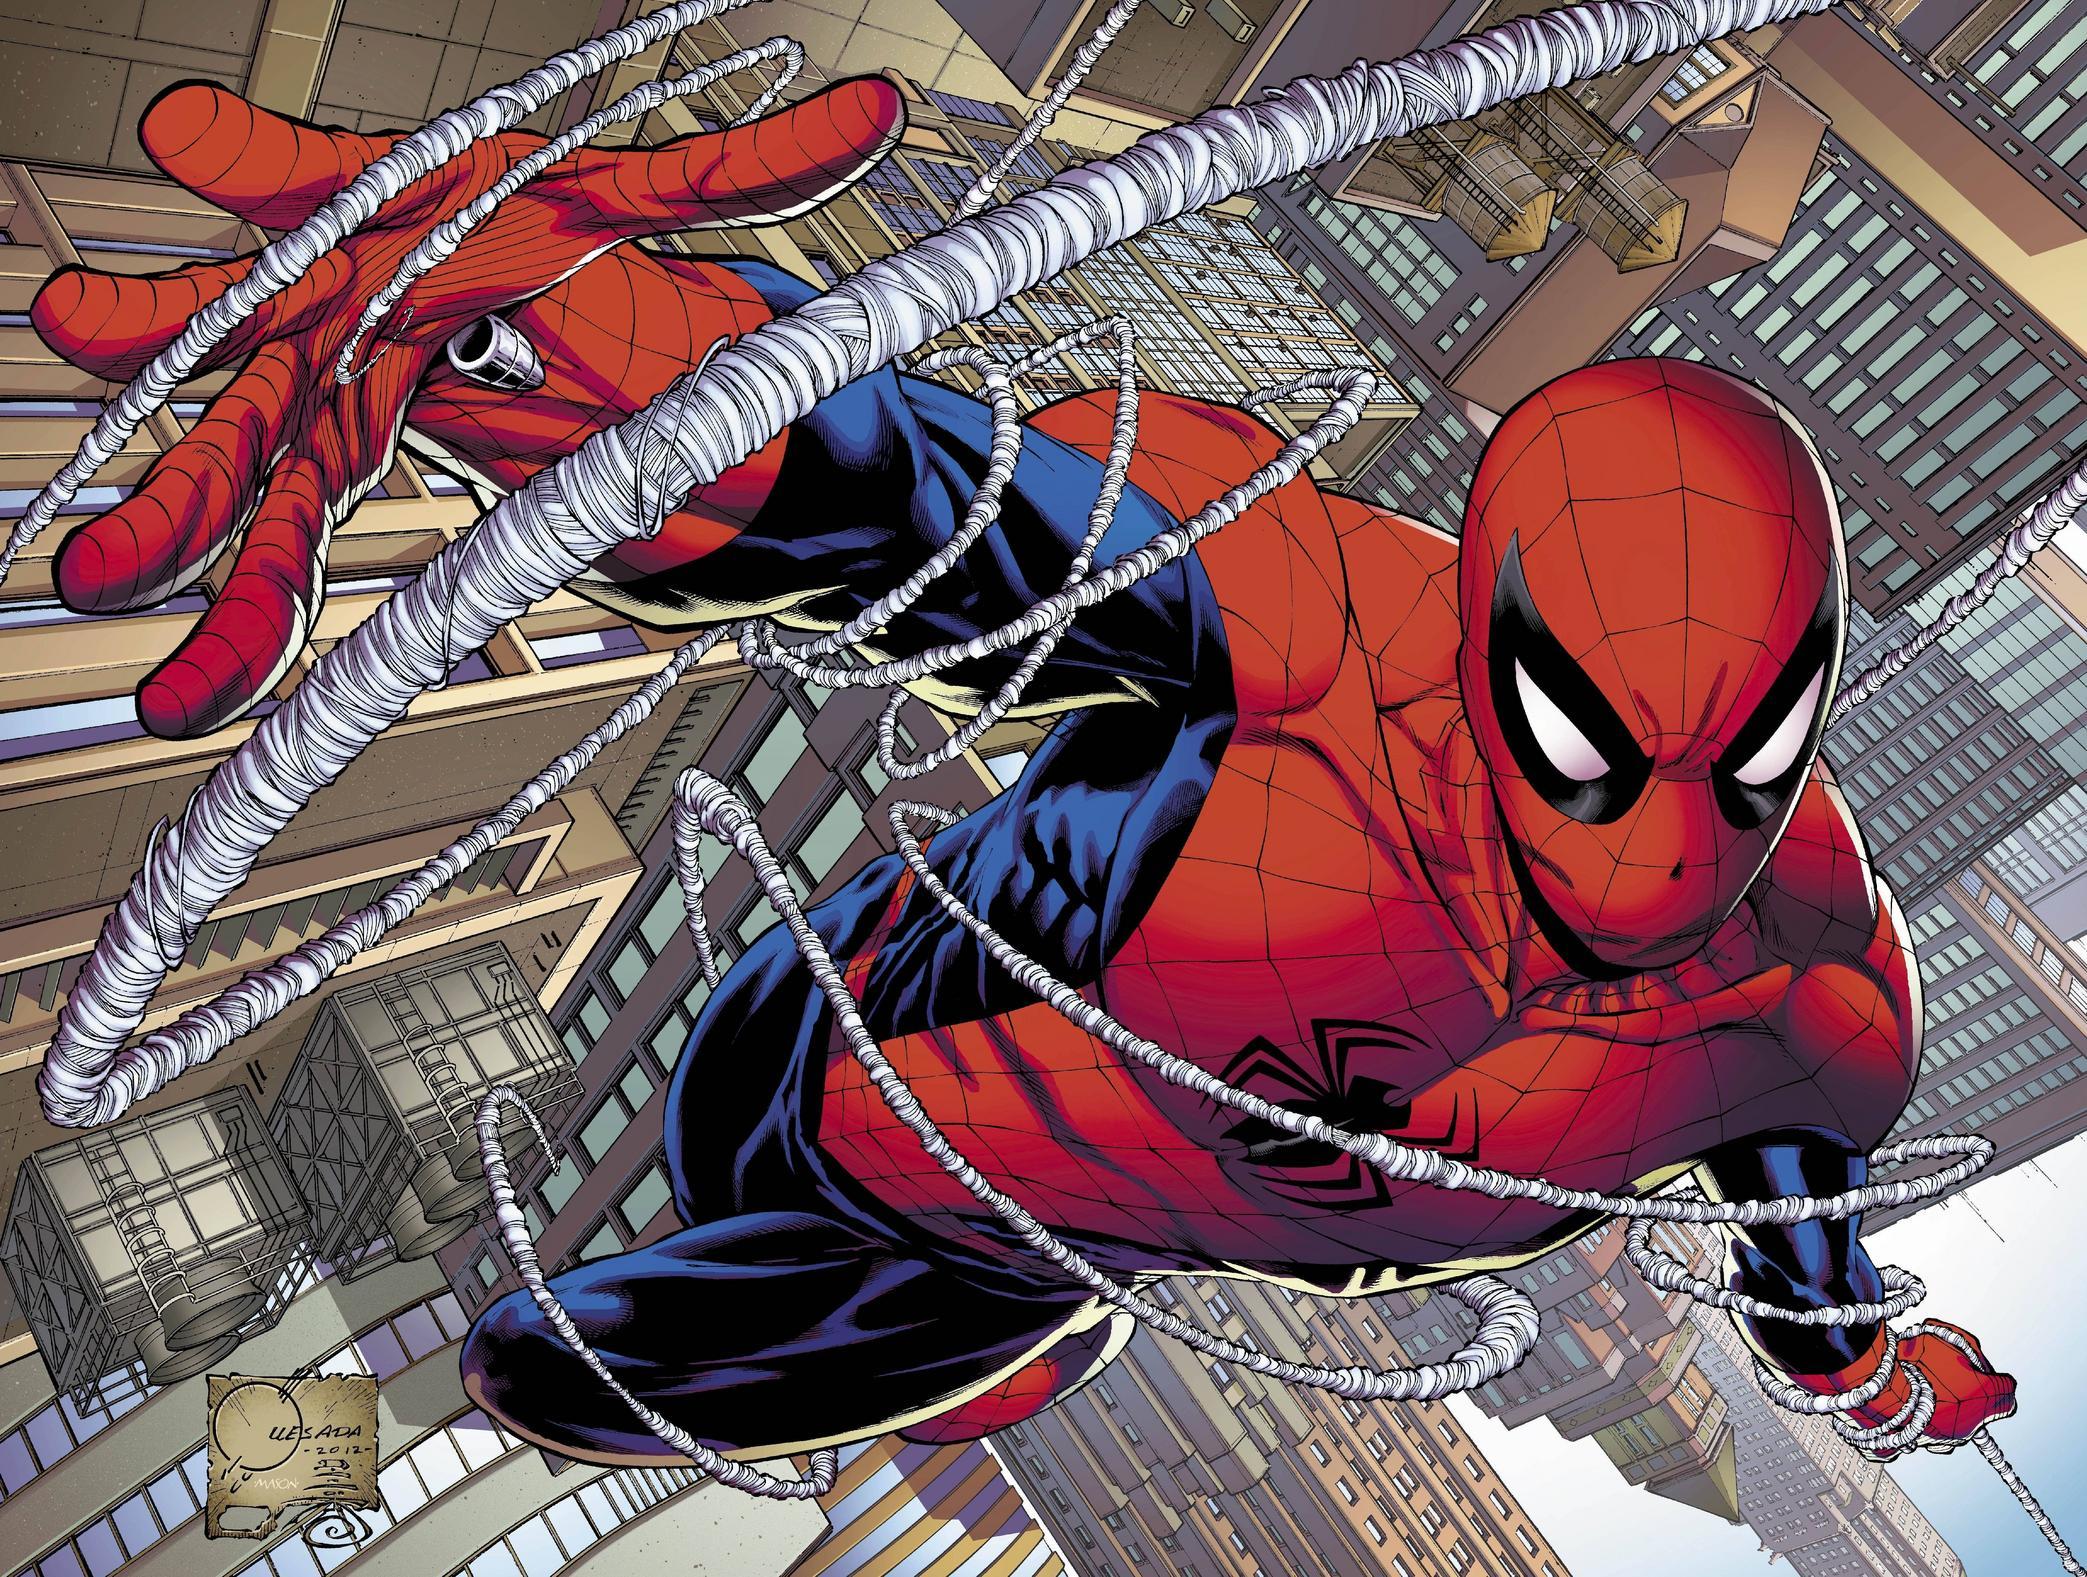 стиль картинки про человек паука чего лисичка картинках